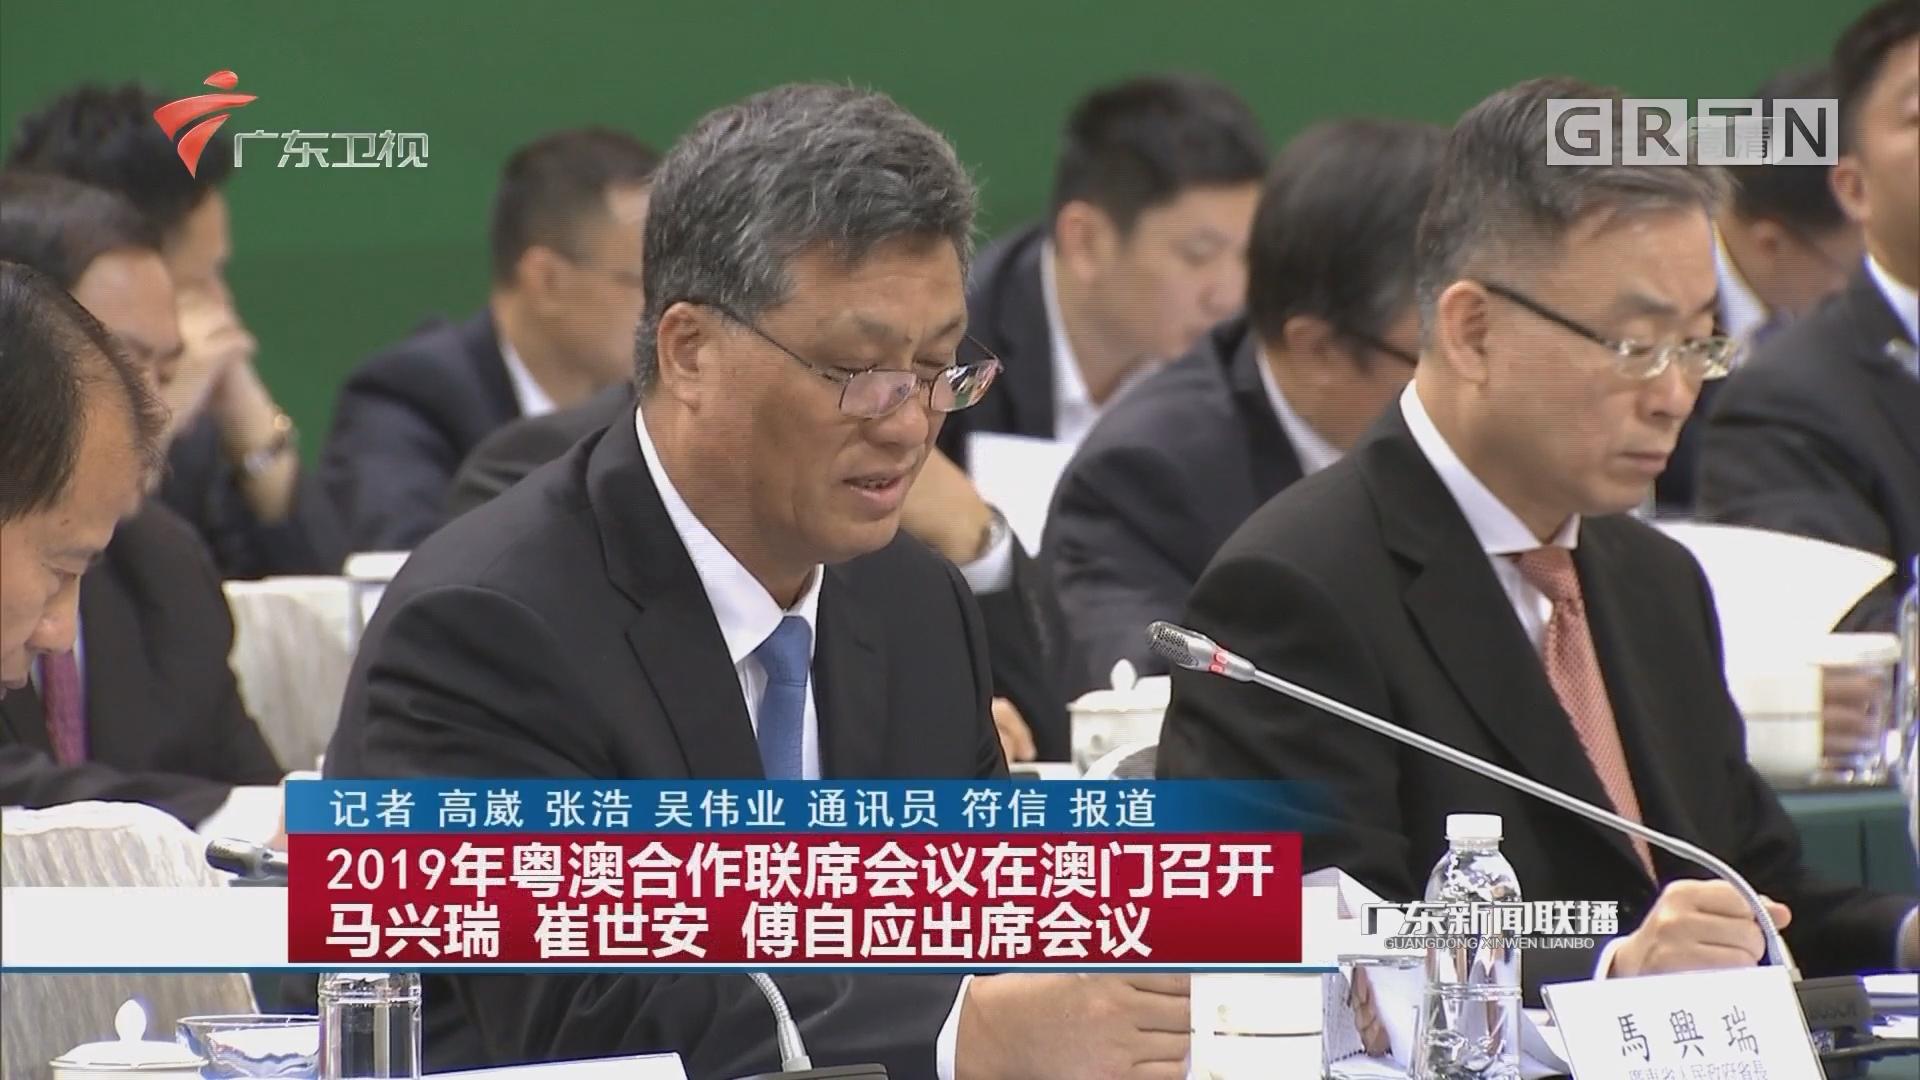 2019年粤港合作联席会议在澳门召开 马兴瑞 崔世安 傅自应出席会议